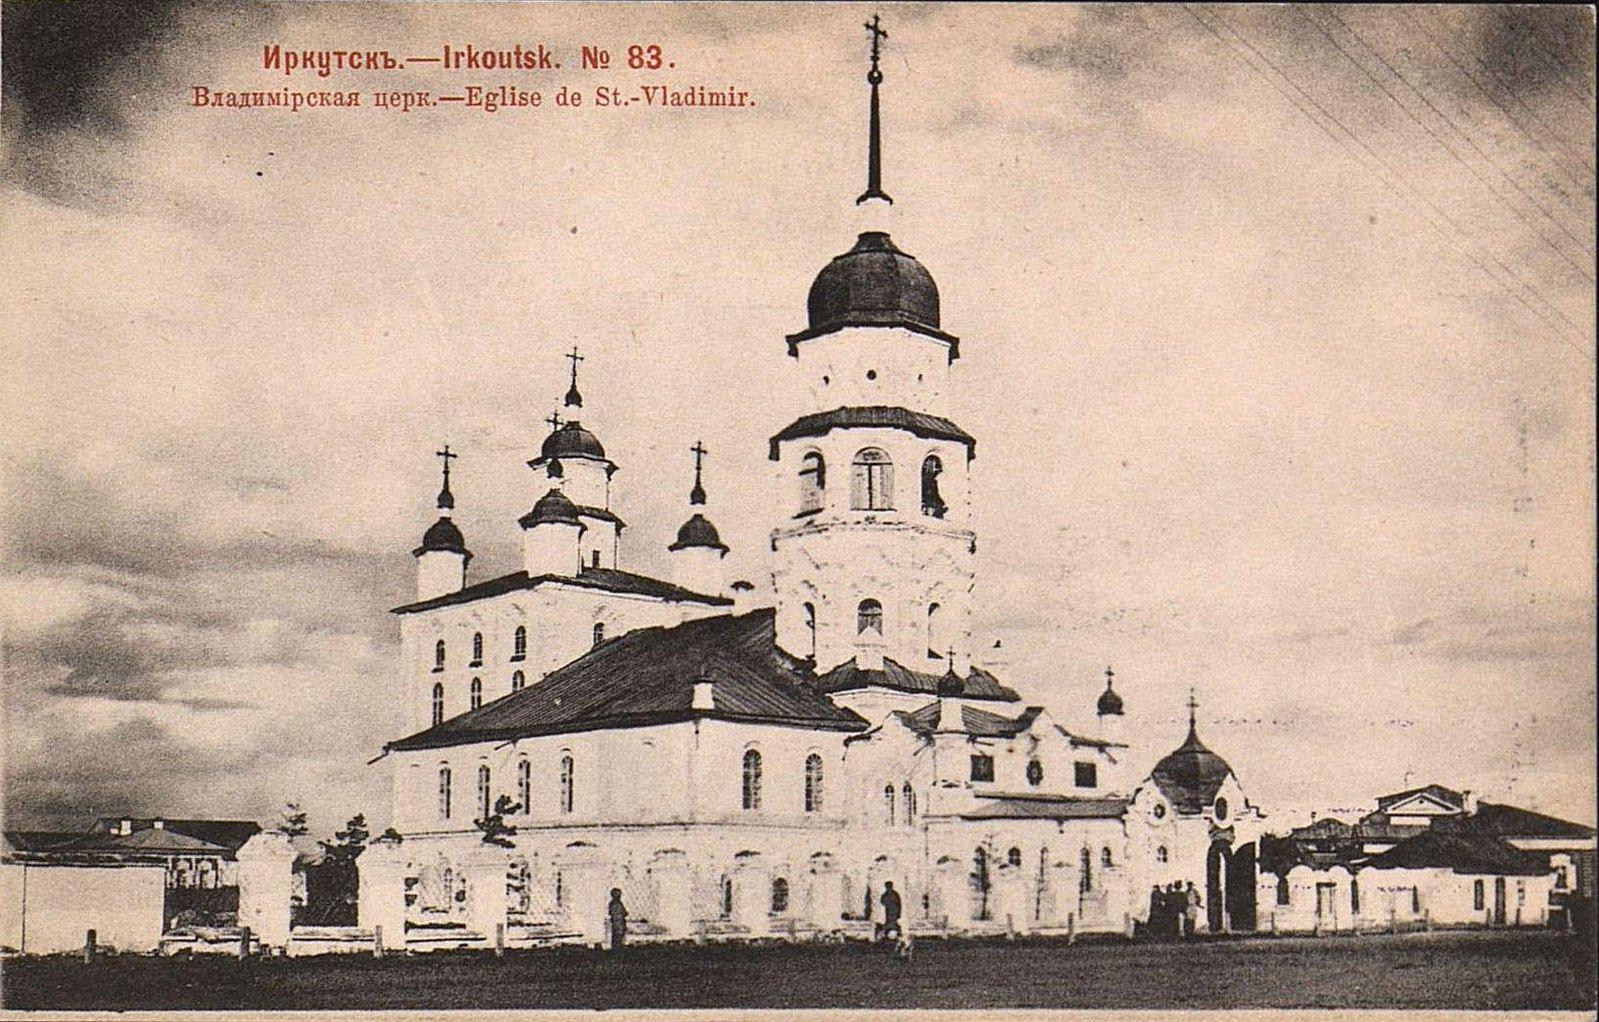 20. Ланинская улица. Владимирская церковь